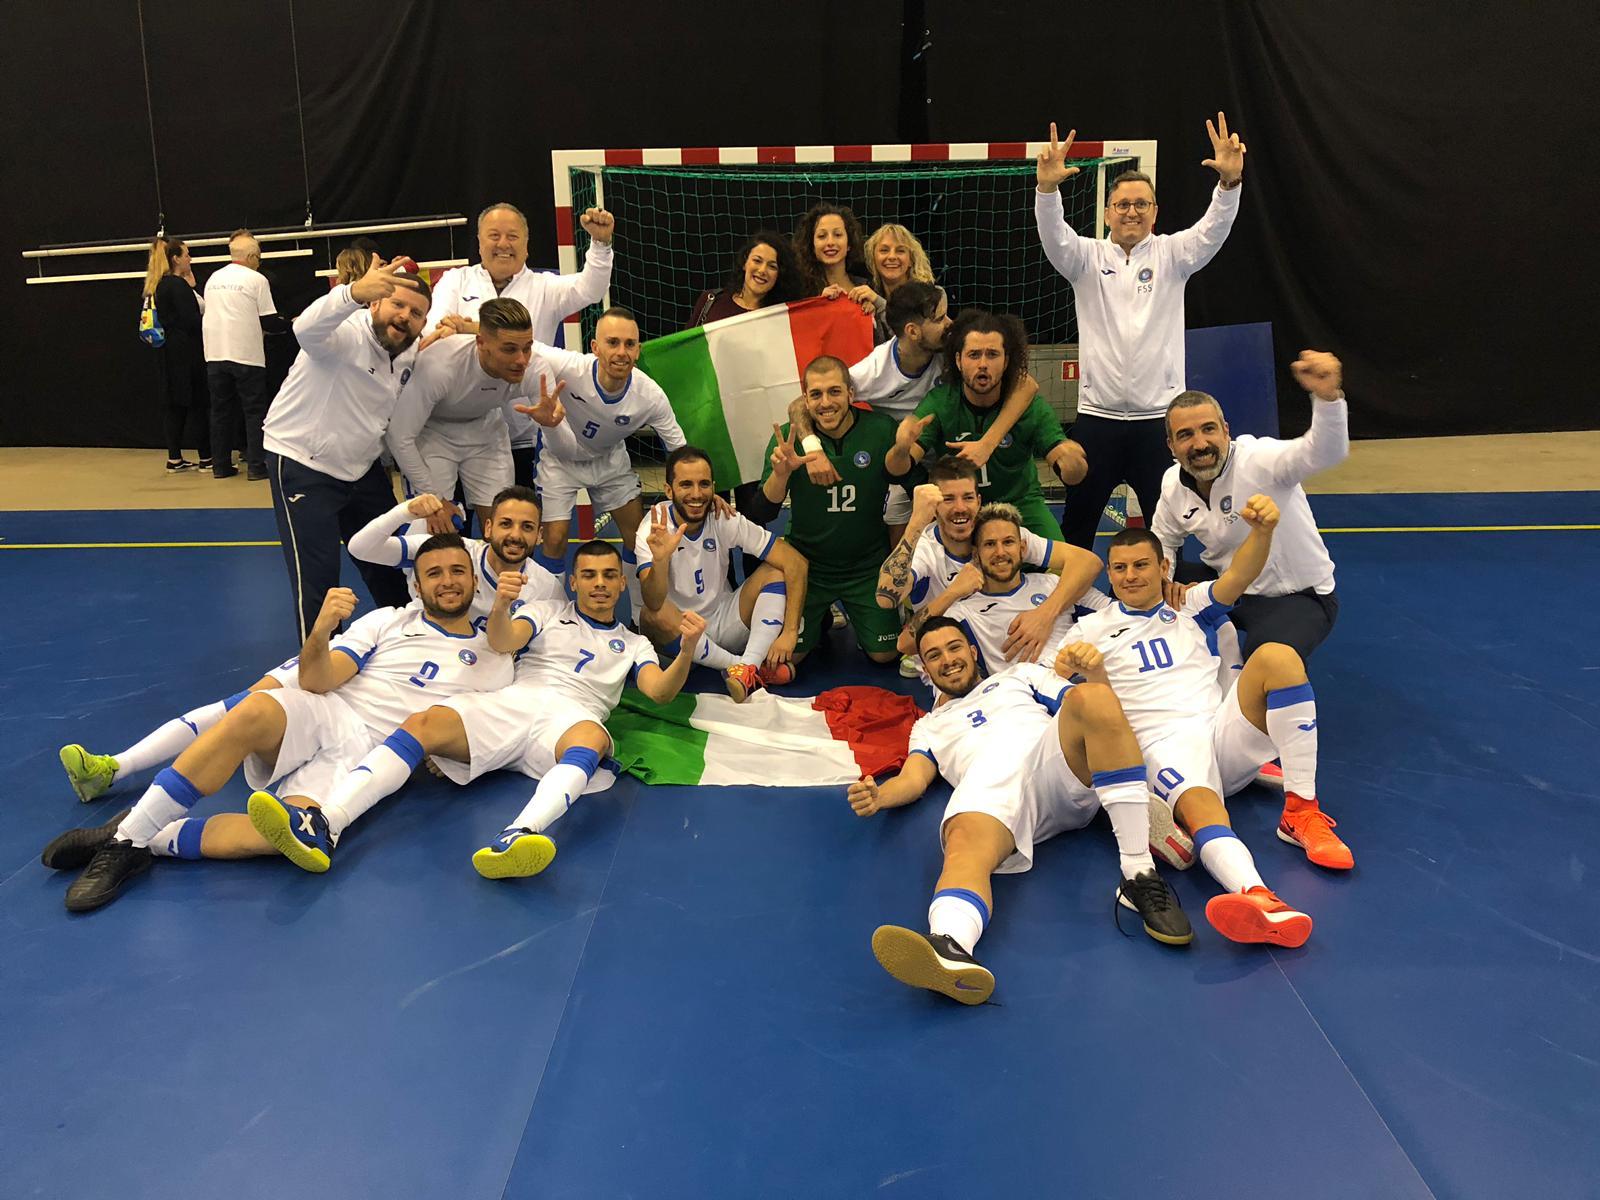 5° Campionato Europeo di Futsal a Tampere. Italia vs Svezia 6-2 e conquista la medaglia di bronzo